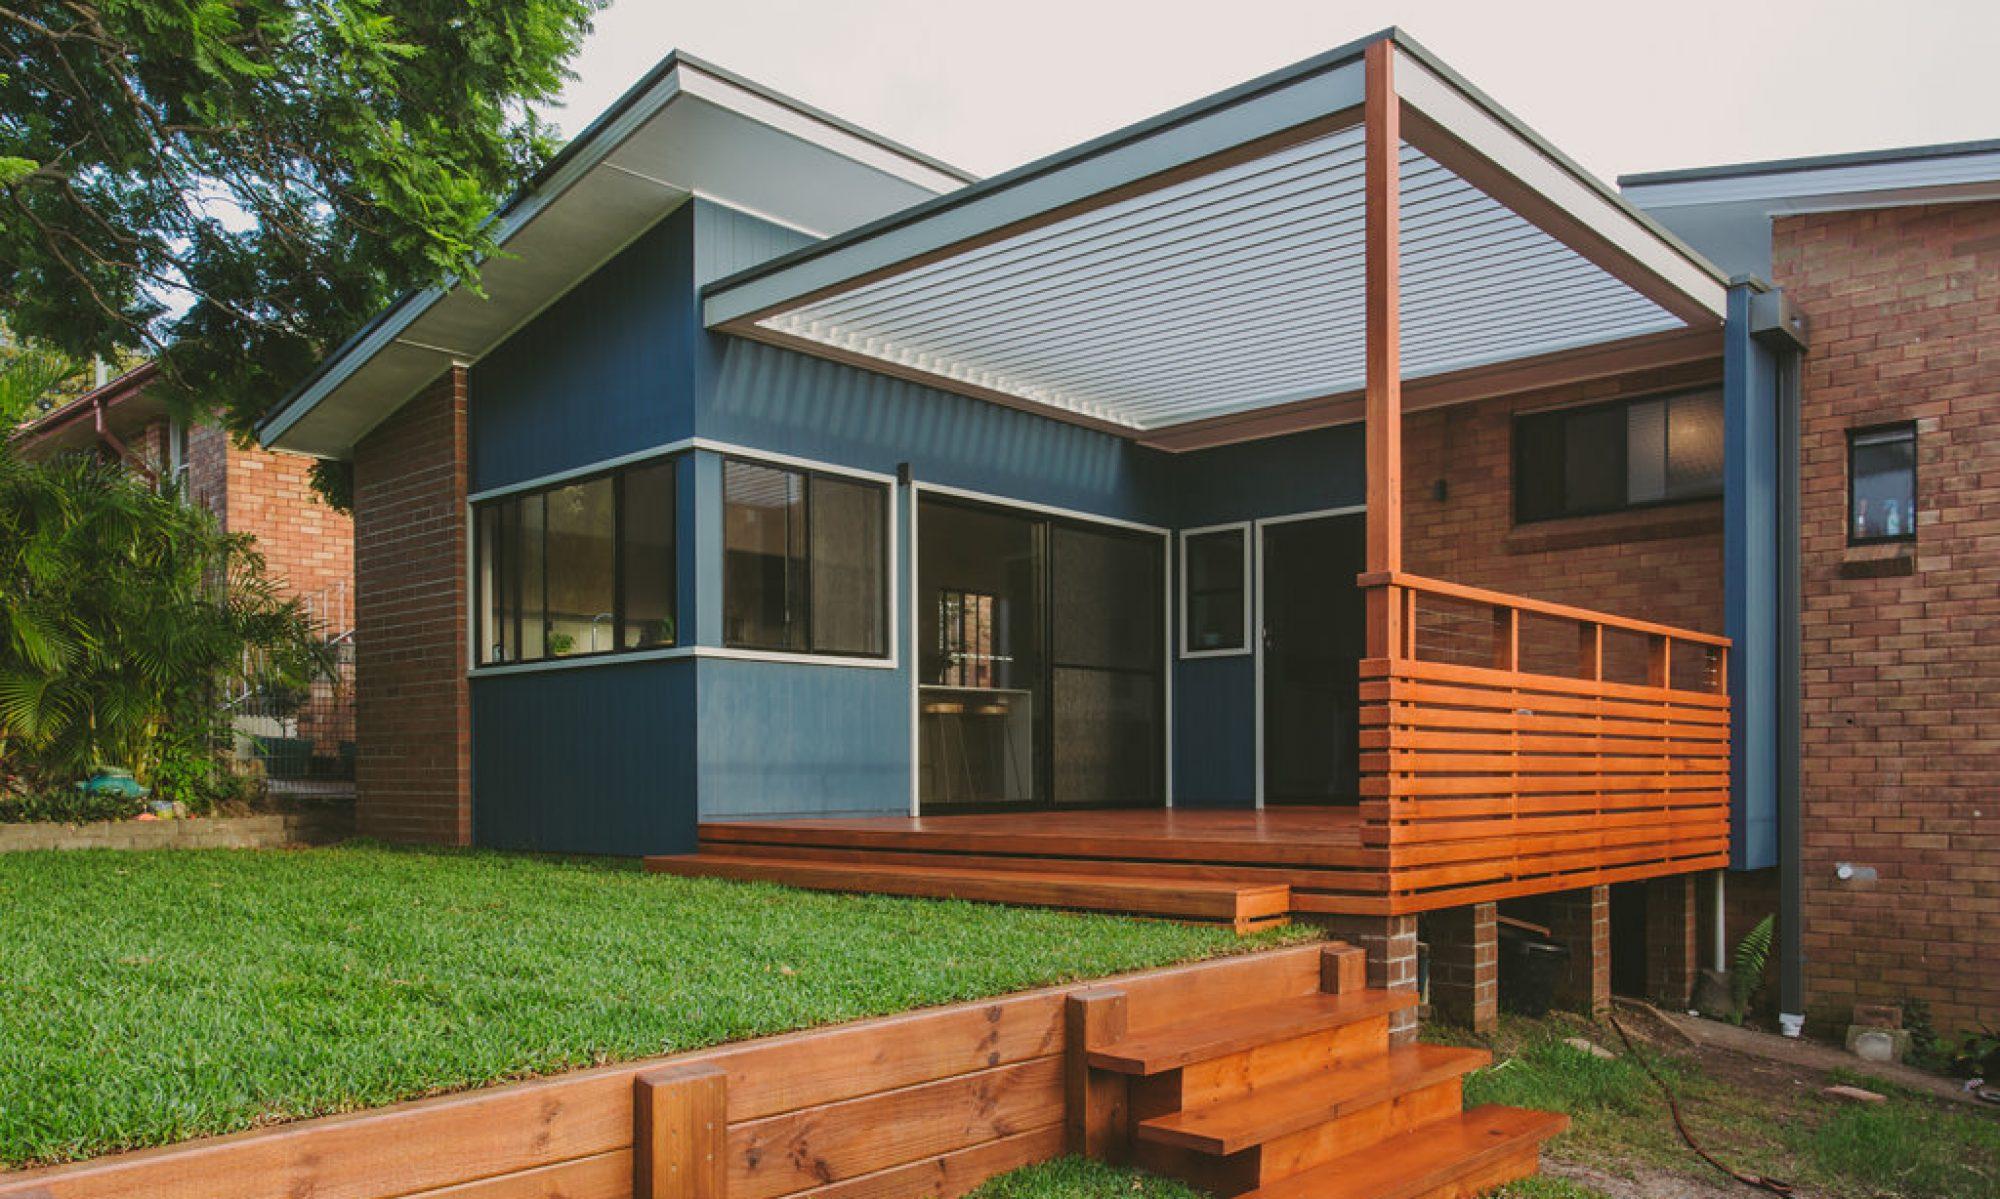 Lewis + Zwart Architecture